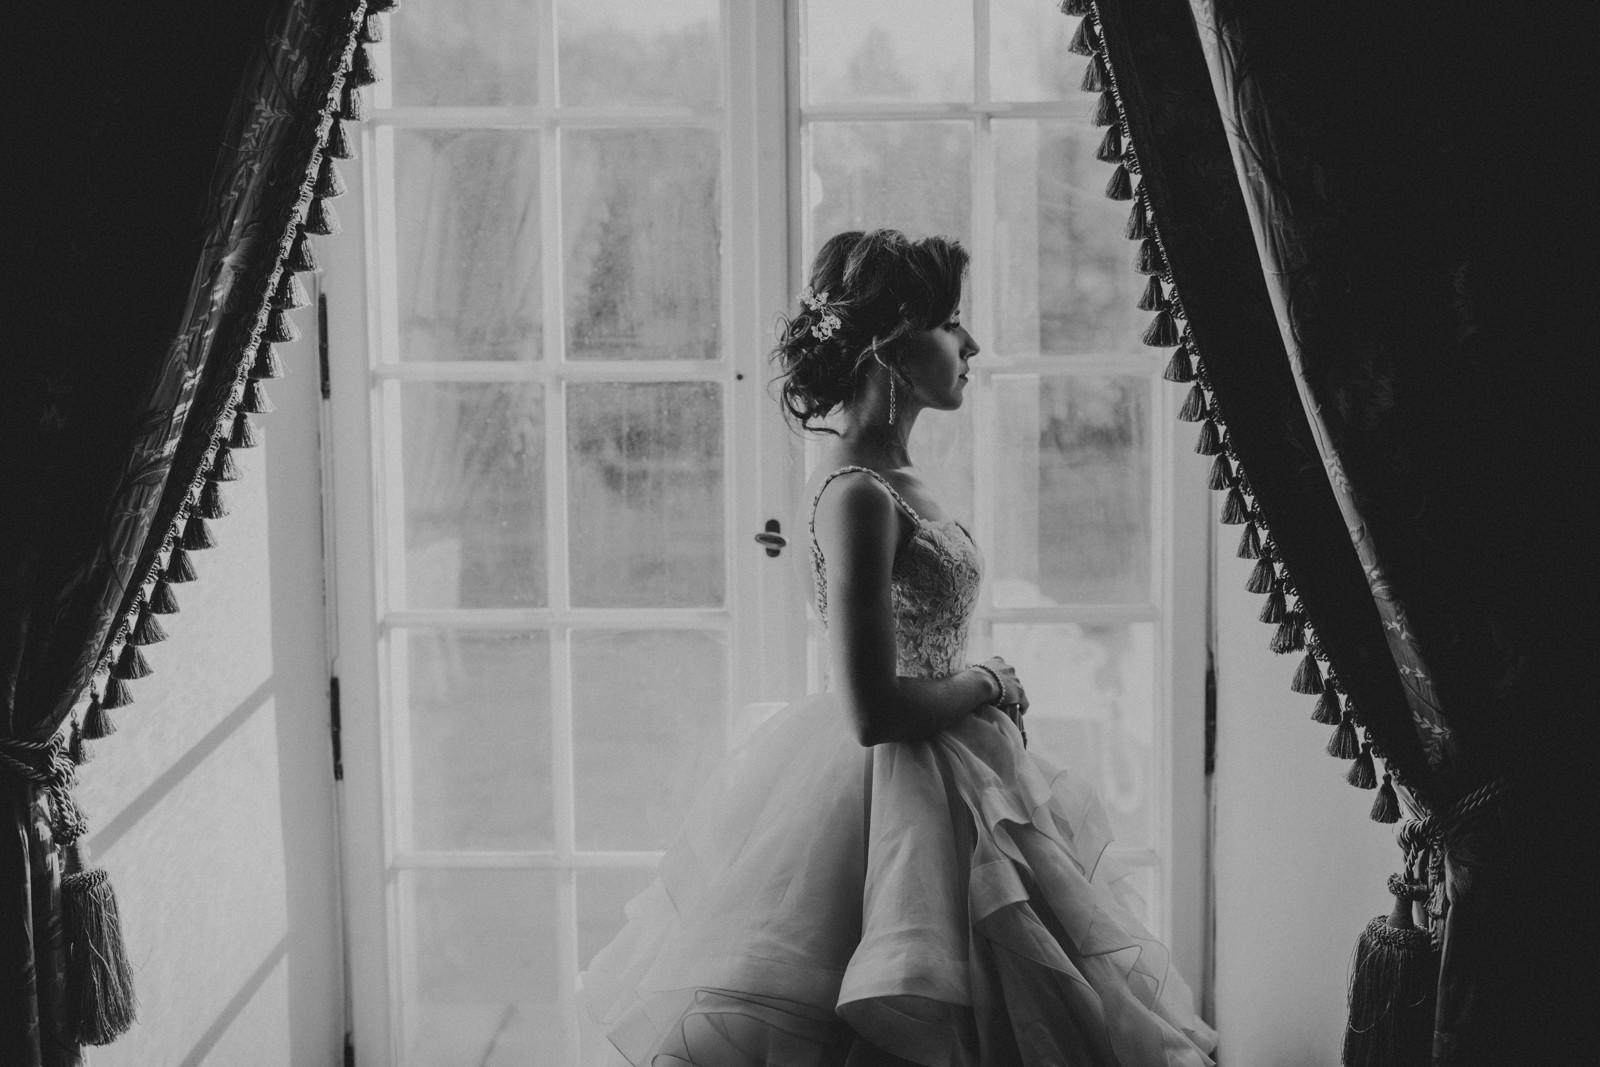 panna młoda przy oknie, sesja ślubna Pałac Otwock Wielki, Muzeum Wnętrz w Otwocku Wielkim, fotograf ślubny Warszawa